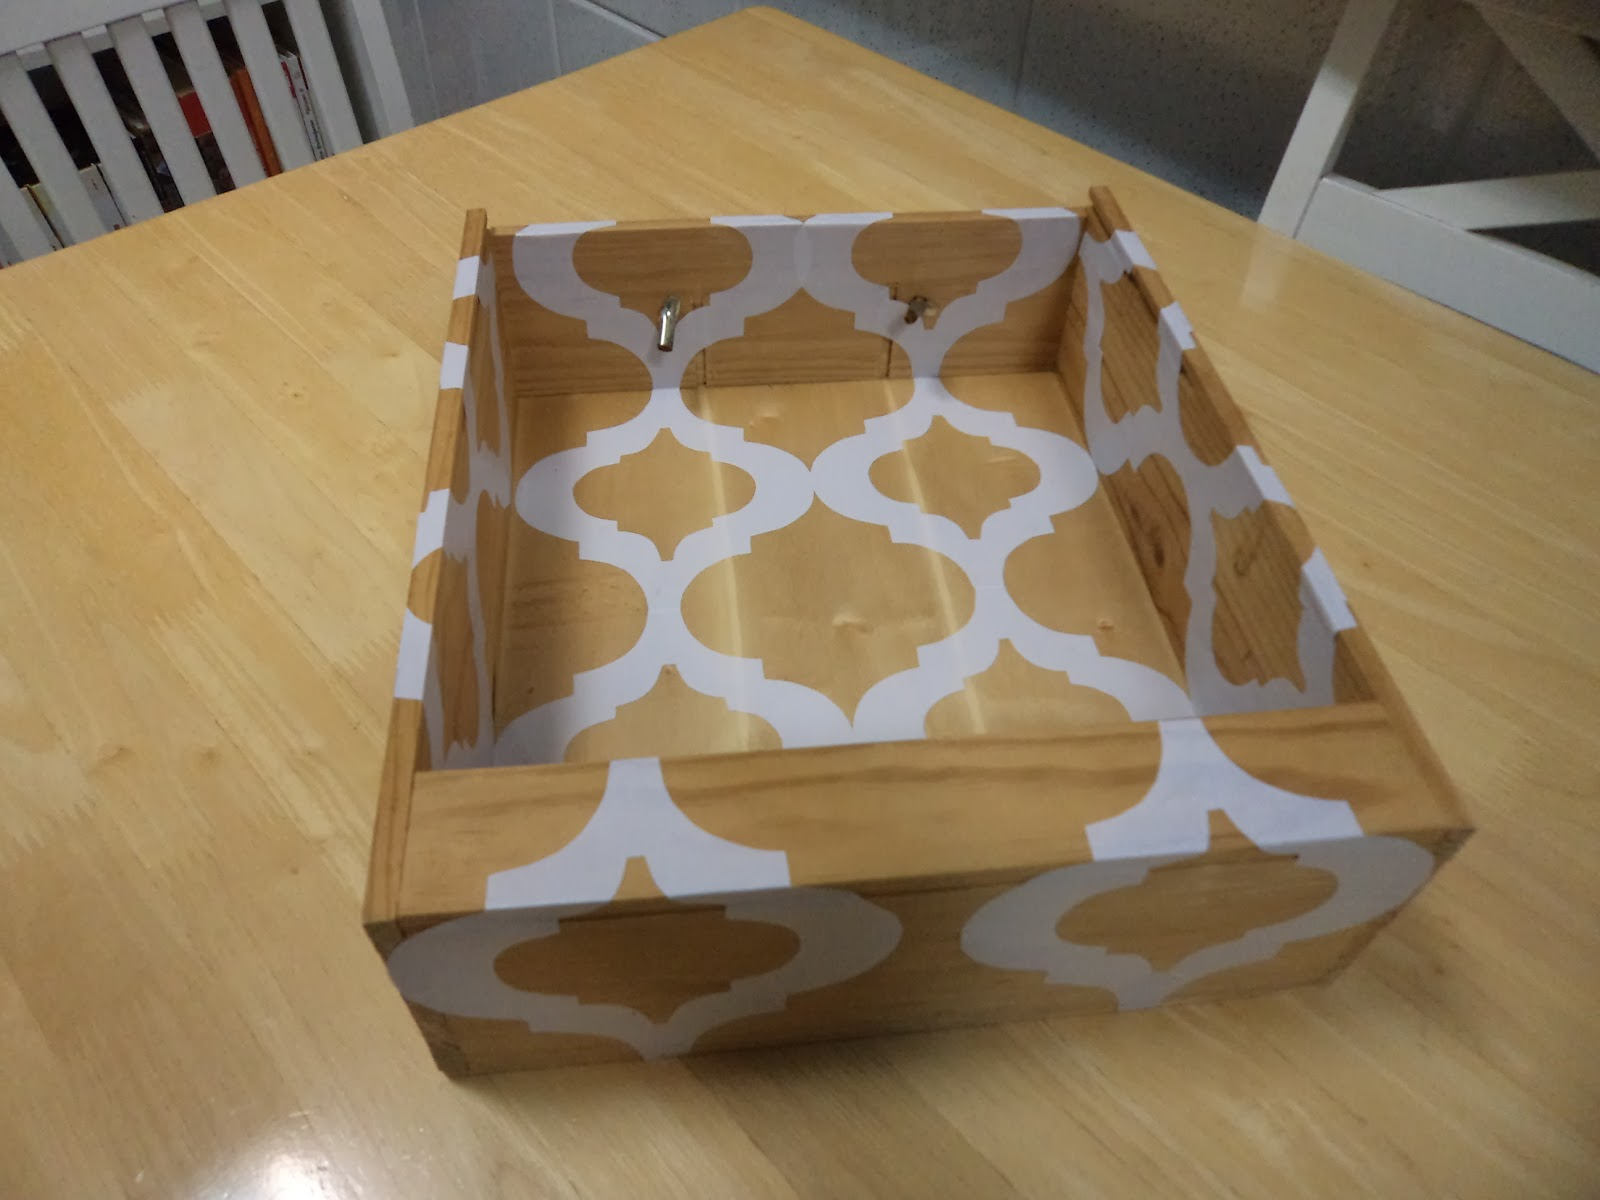 Cantinho da Guidinha: Reciclagem de caixa de madeira de vinho. #664B2C 1600x1200